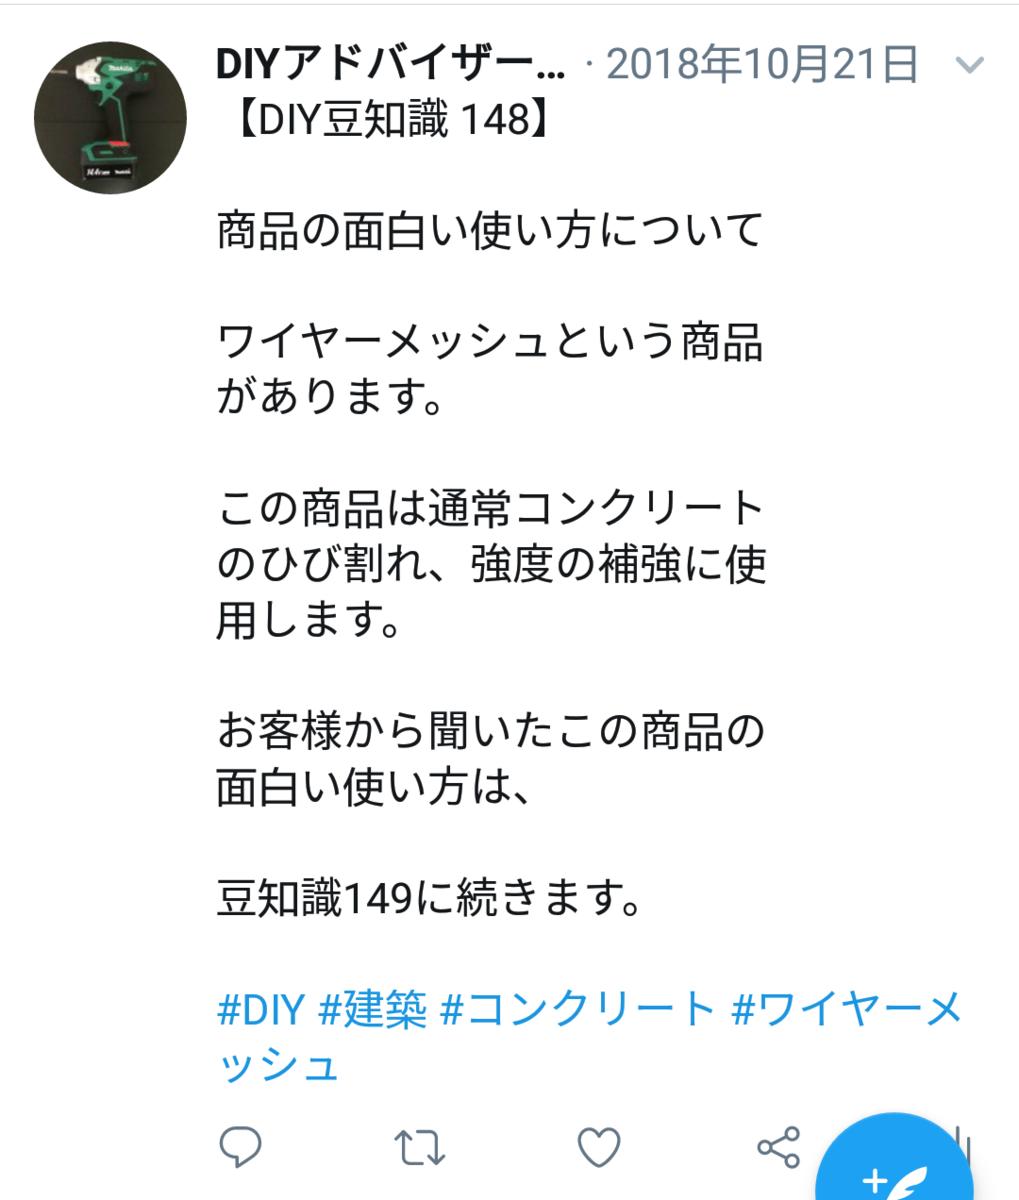 f:id:DIY33:20190406213522p:plain